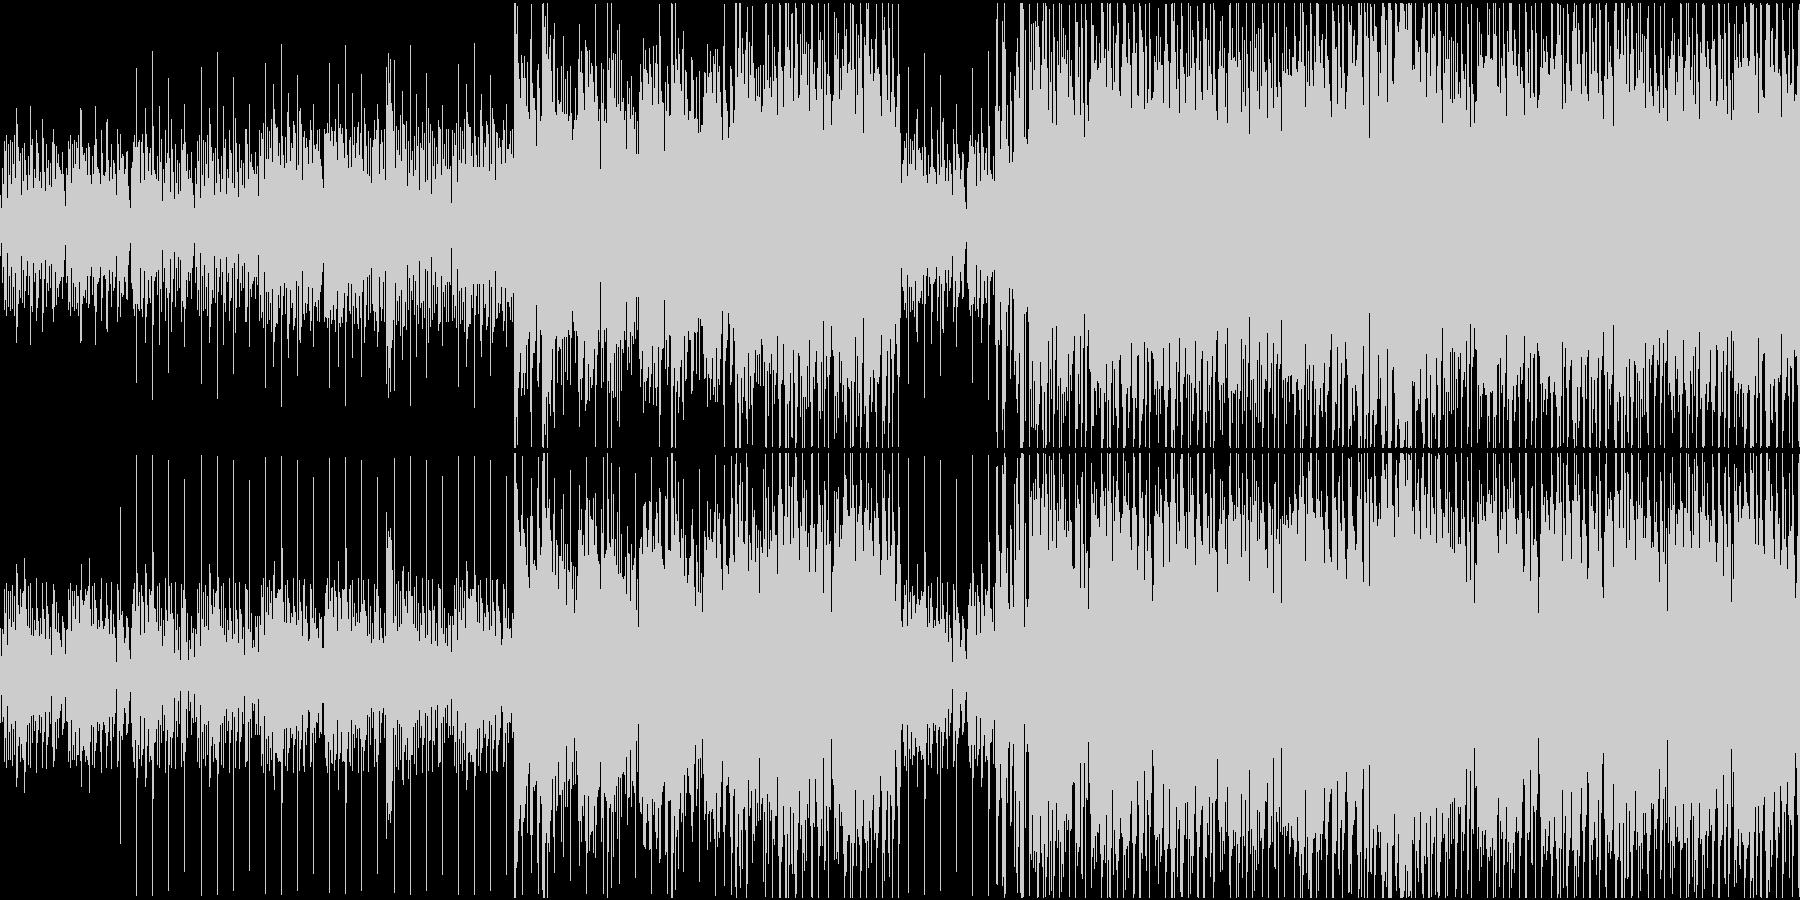 思考を巡らせているようなピアノ系インストの未再生の波形